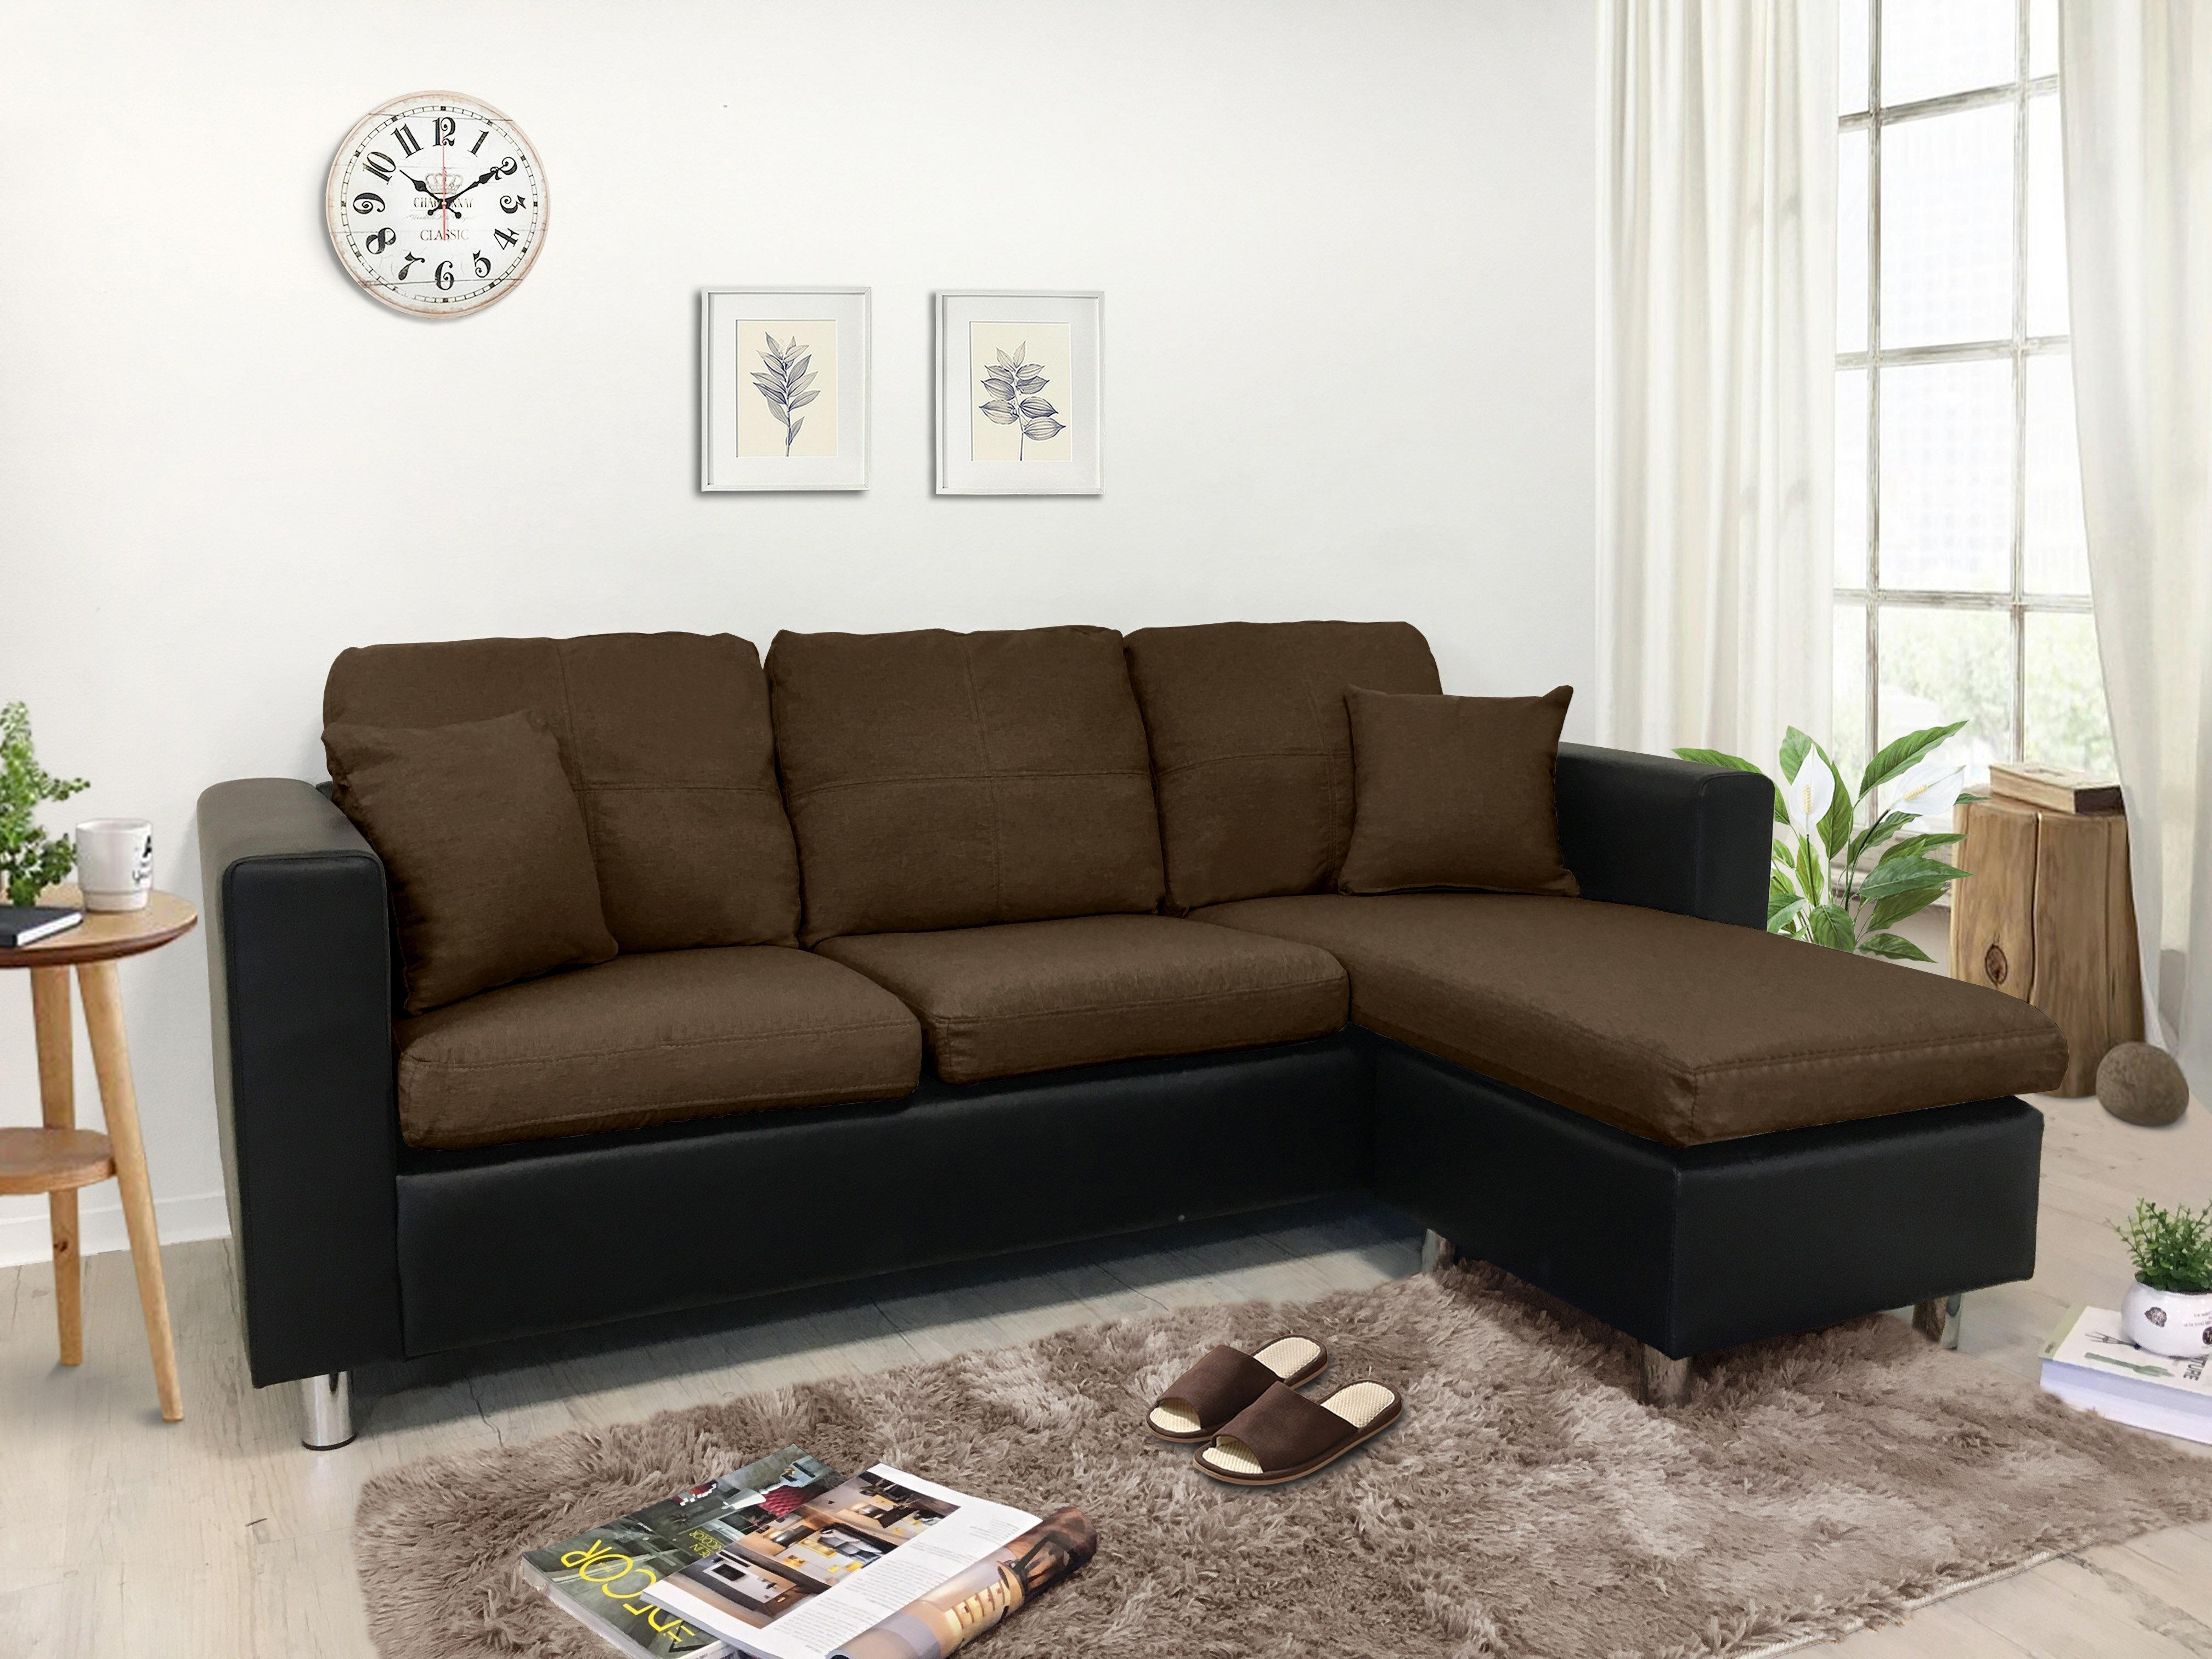 !新生活家具! 咖啡 黑色 布沙發 皮沙發 可拆洗 L型沙發 三人位沙發 腳椅 三色《范特西》非 H&D ikea 宜家 套房